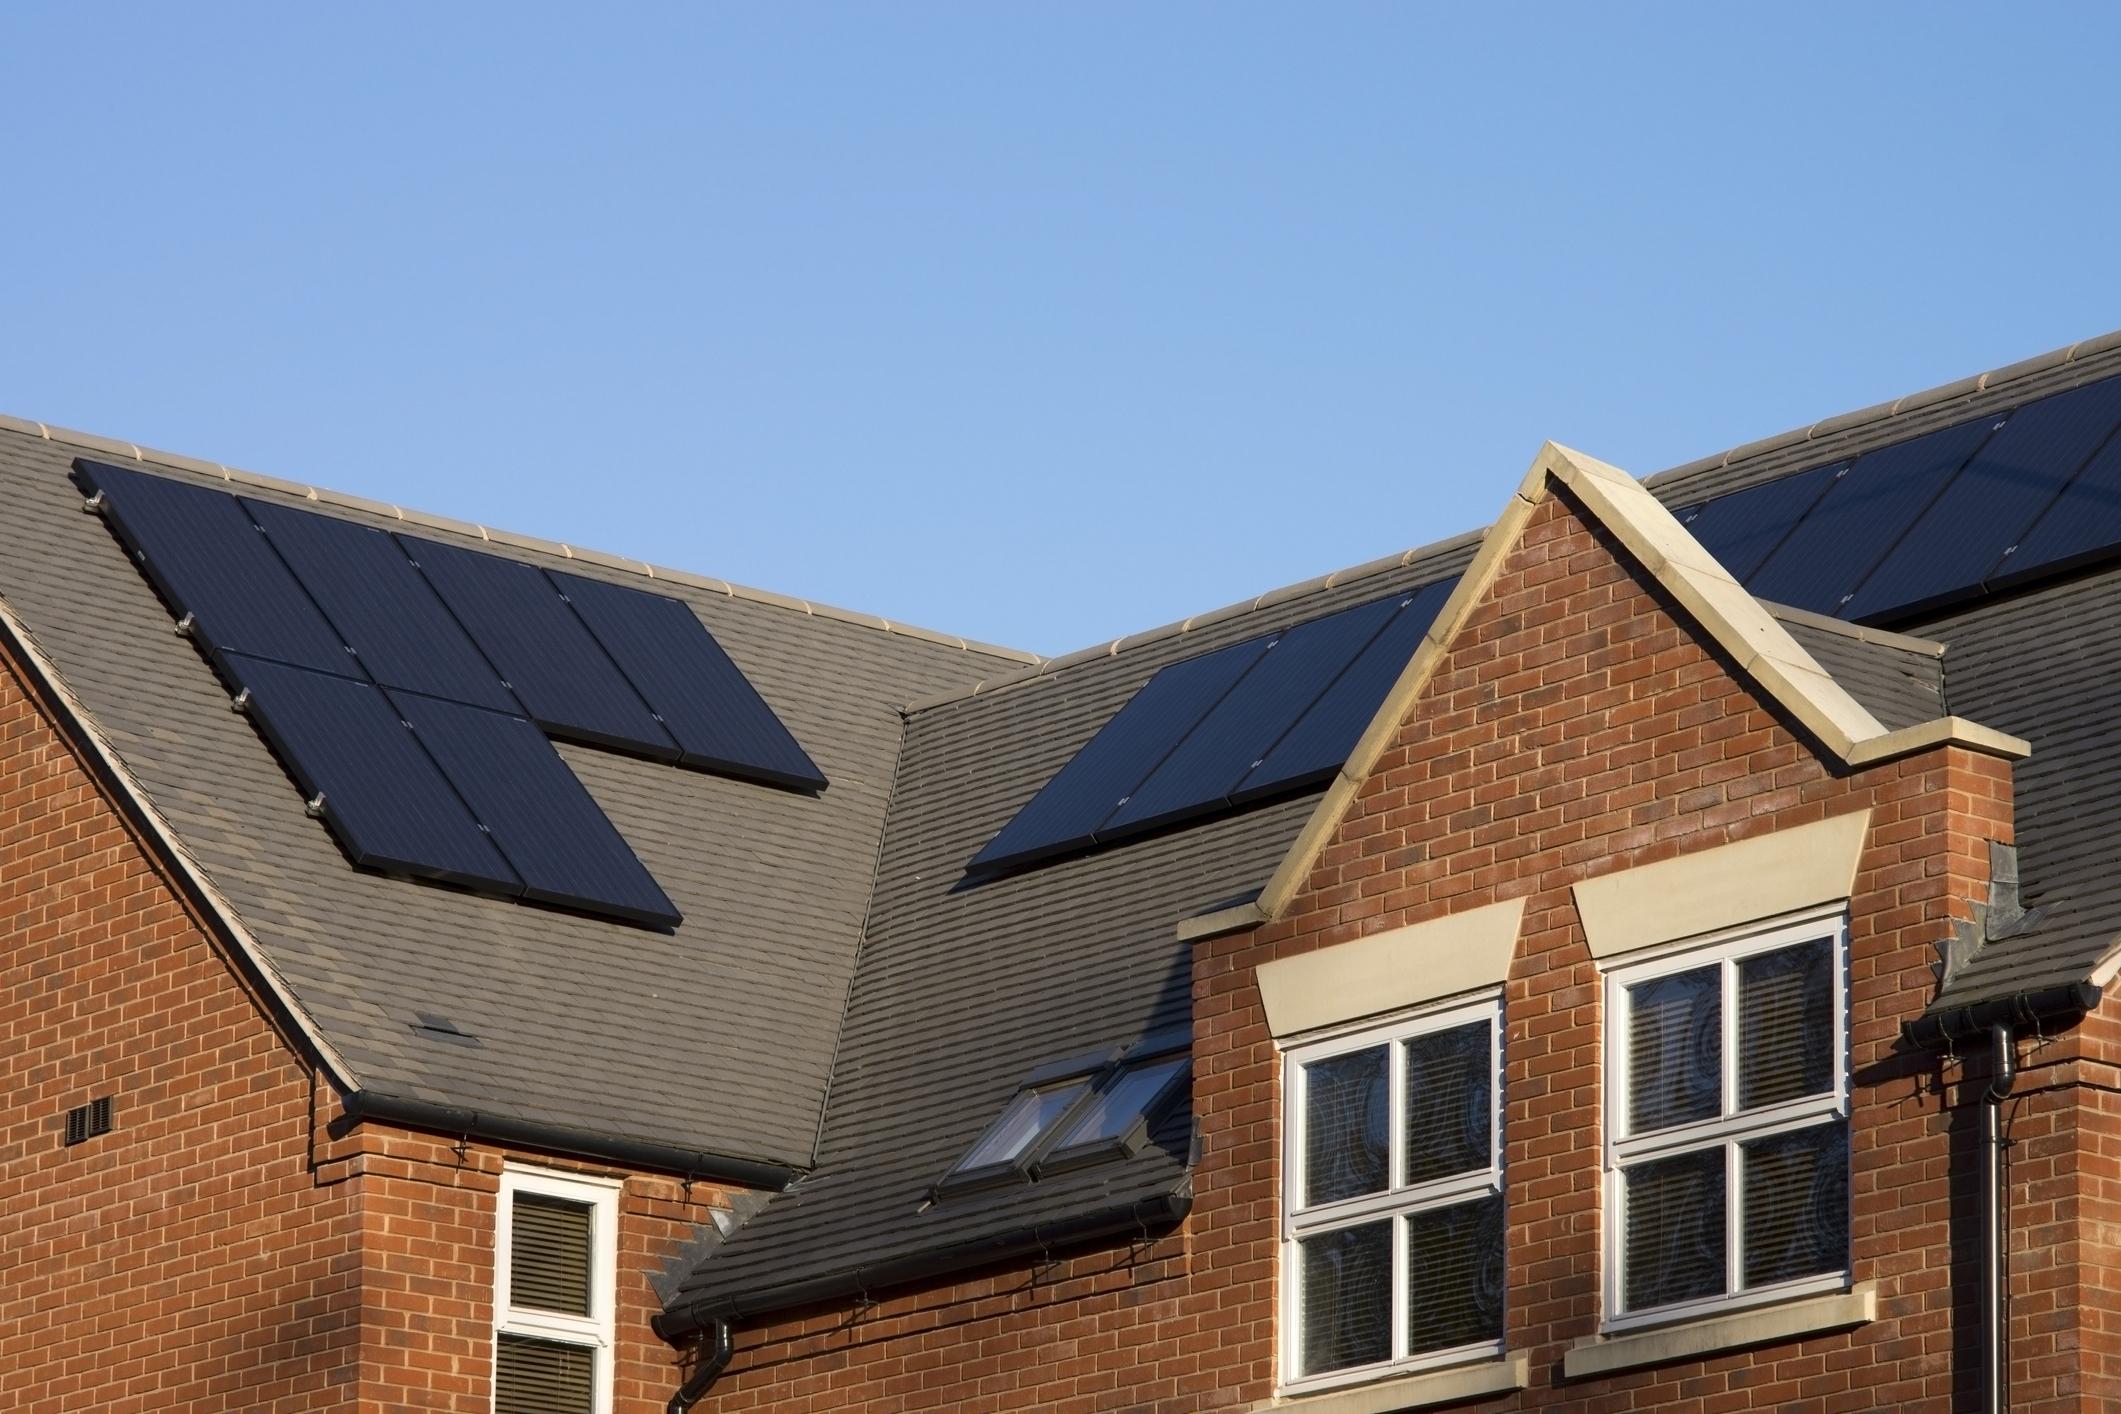 Installation panneaux photovoltaïques noirs Label Black Energreen